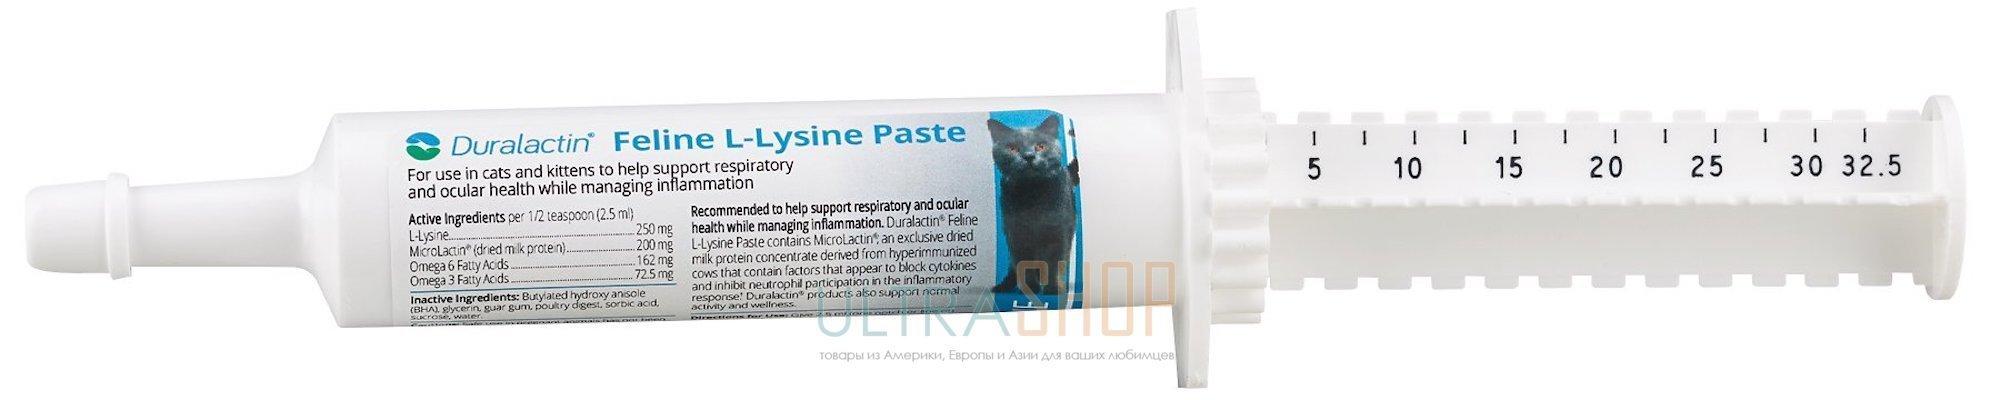 Duralactin Feline L-lysine - лизин в пасте 32.5 мл